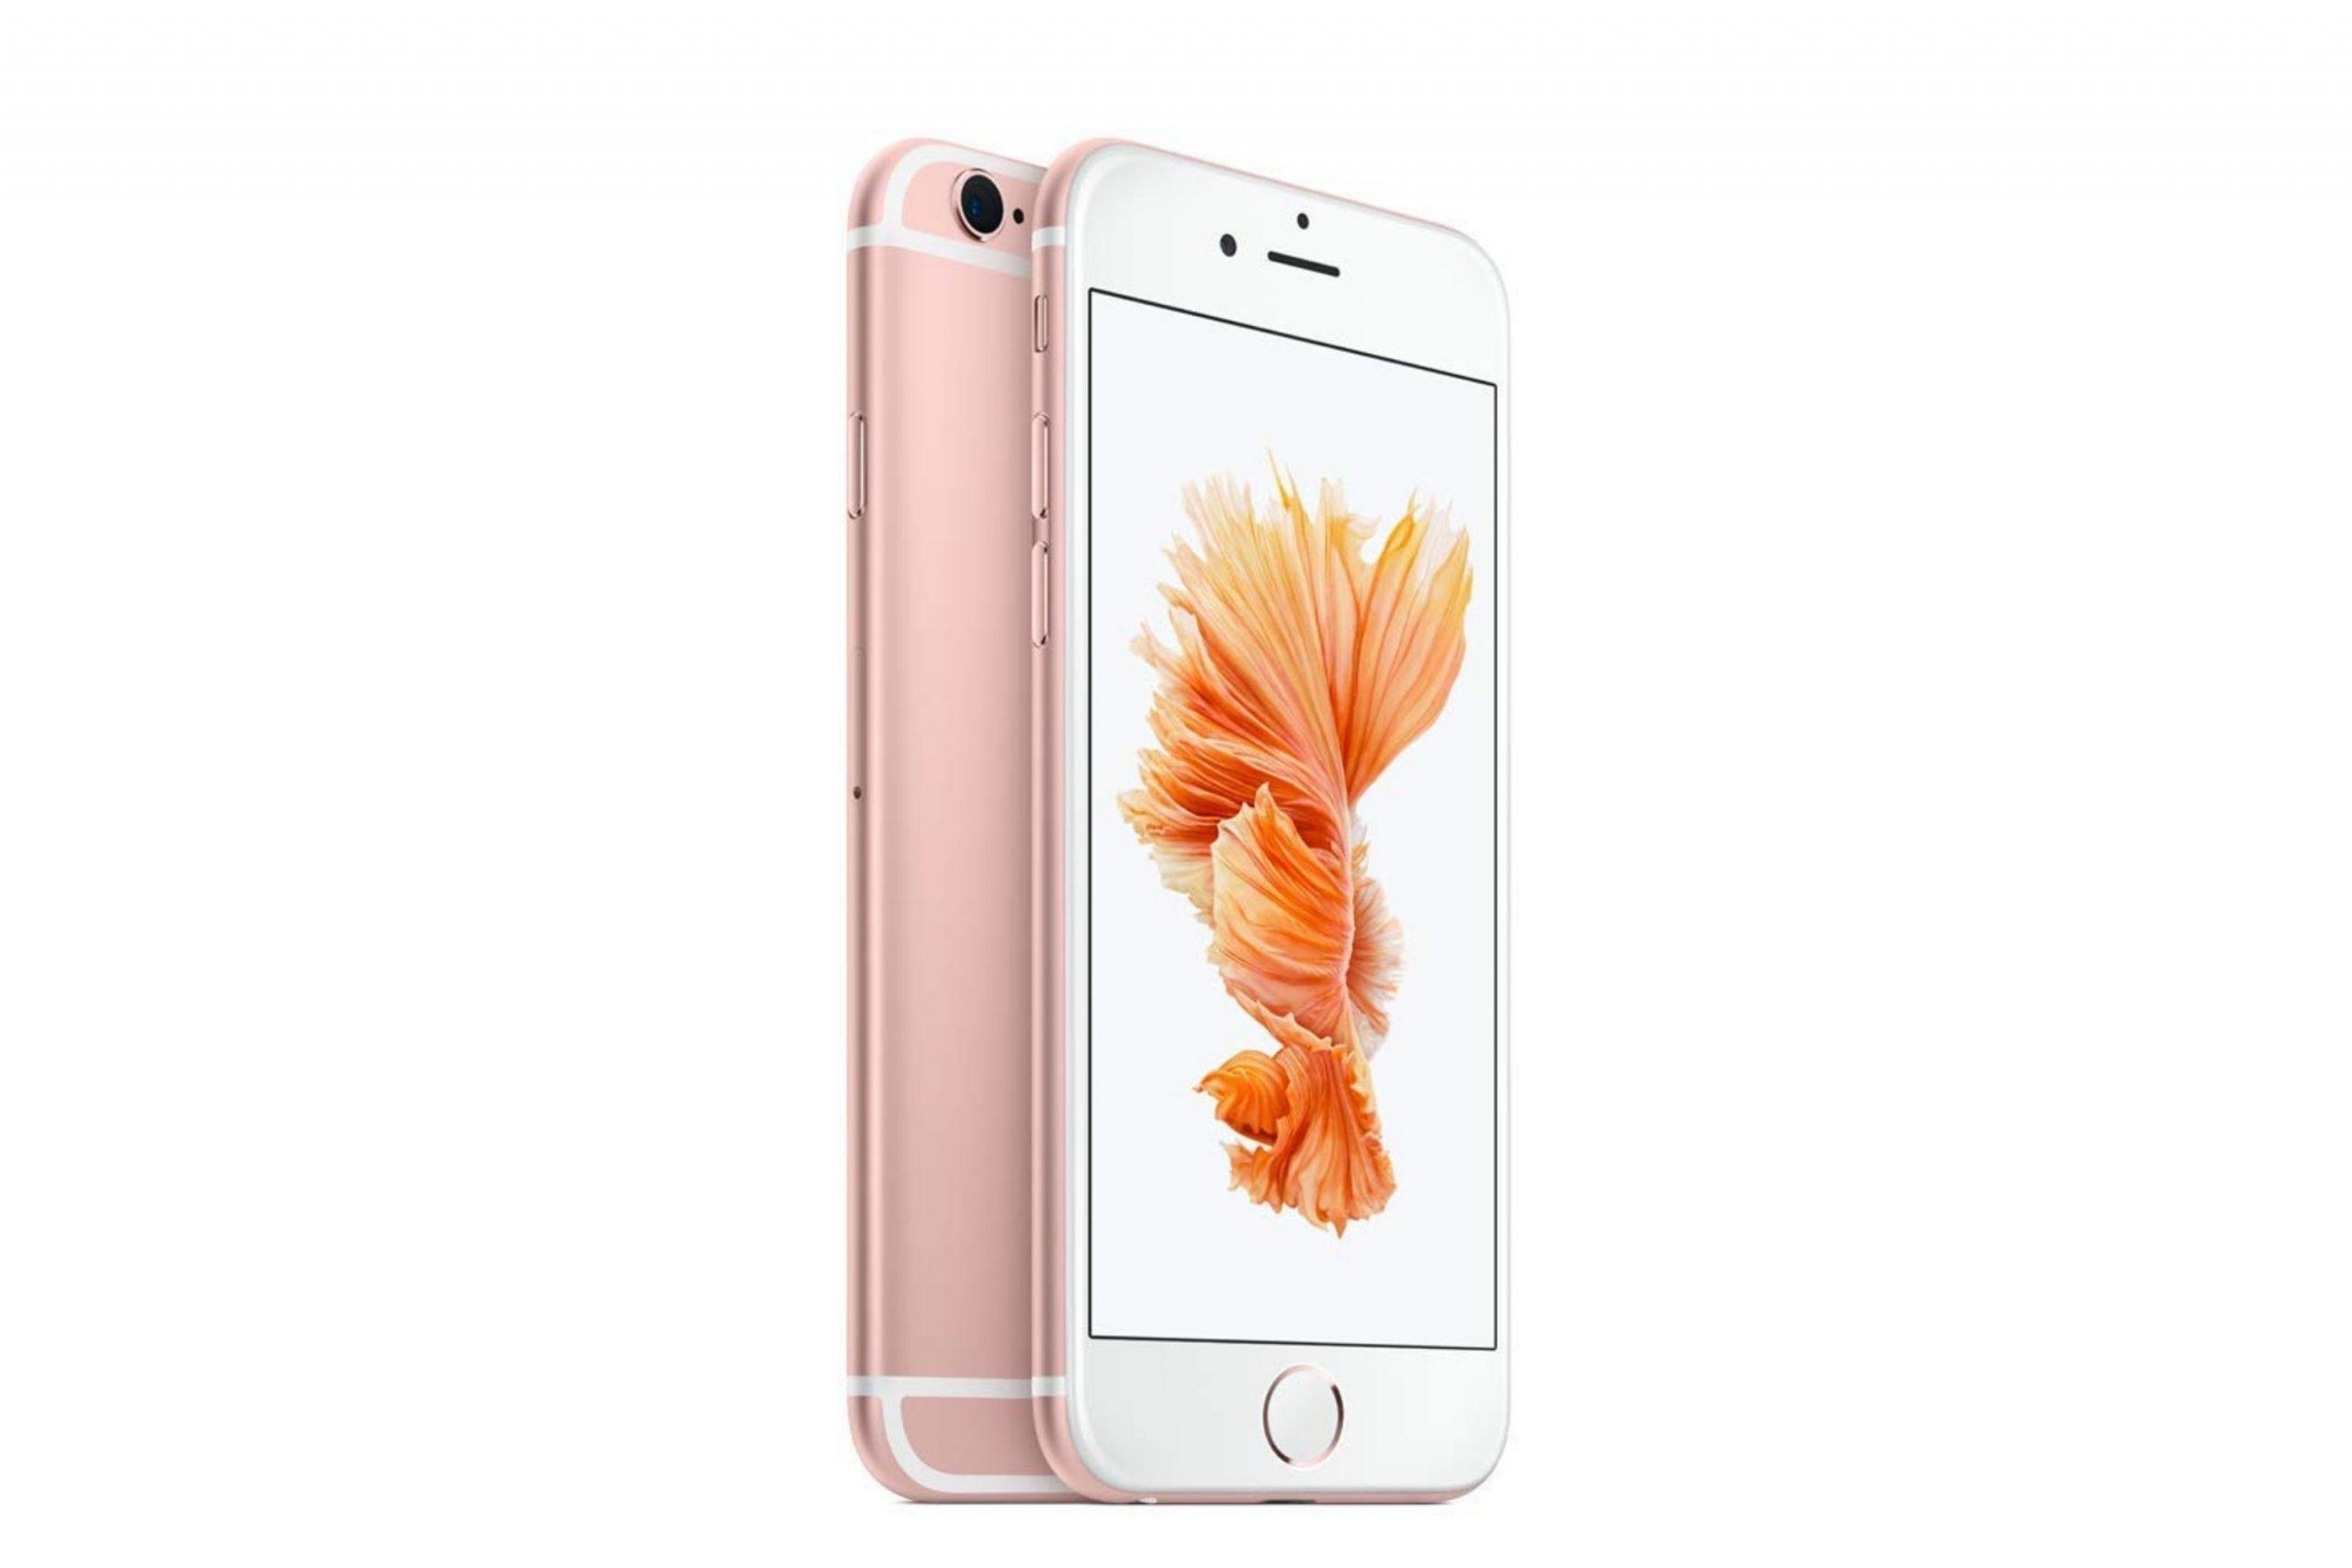 iphone 6s repair in kolkata